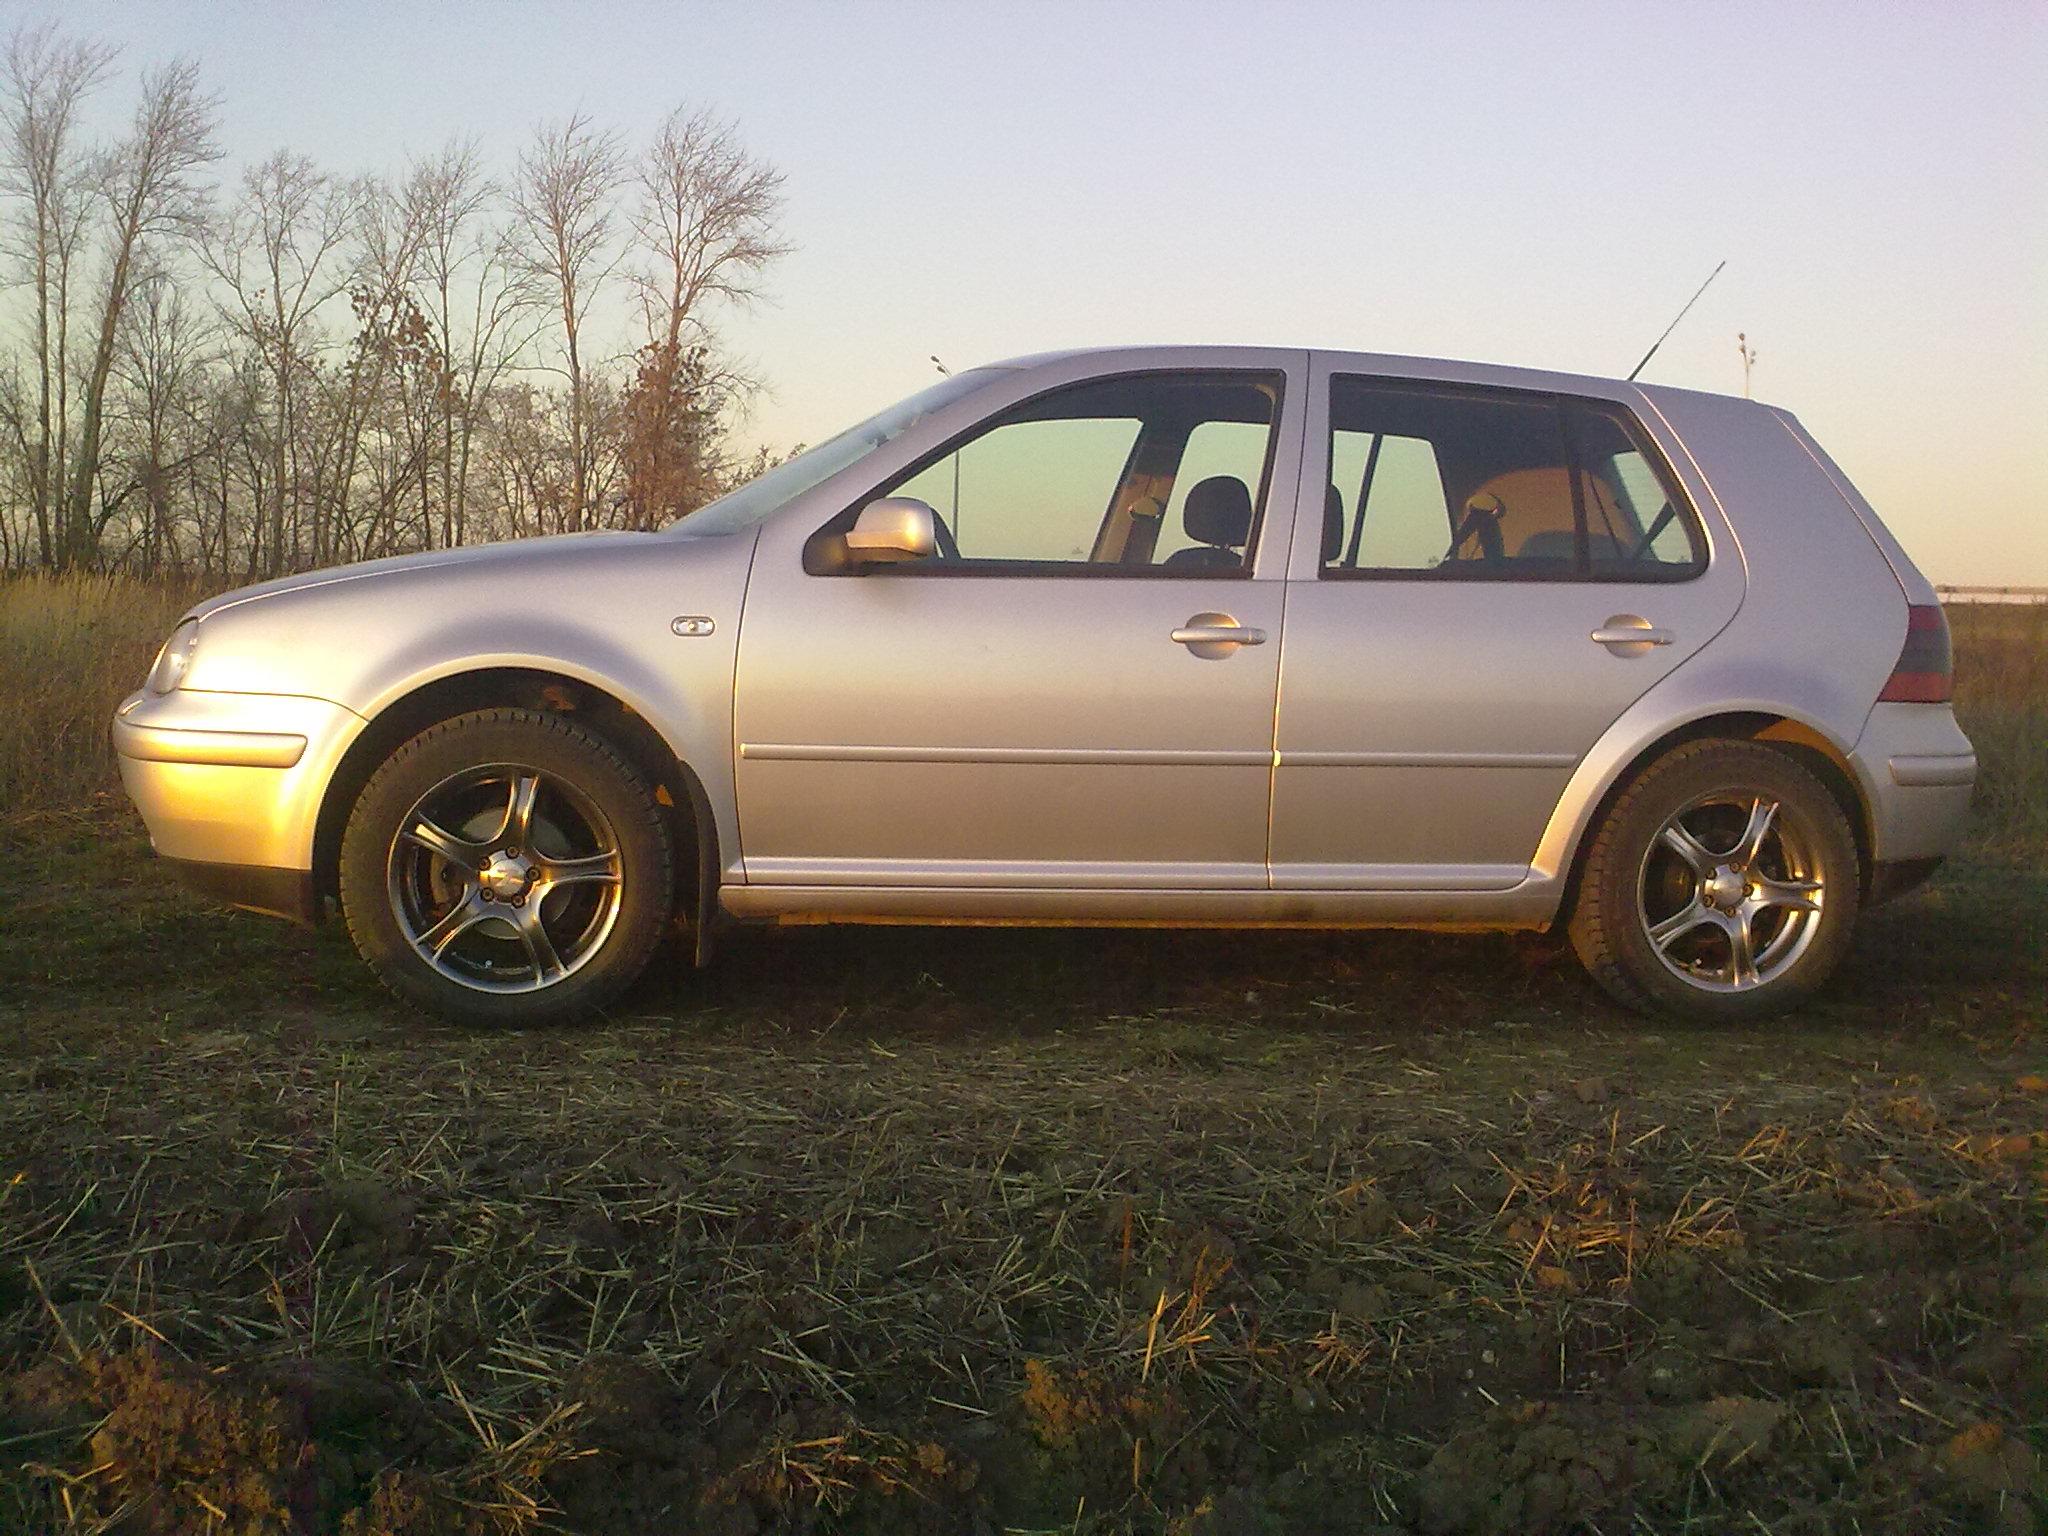 Авито авто машины от 10 до 20 тысяч рублей - 2cc